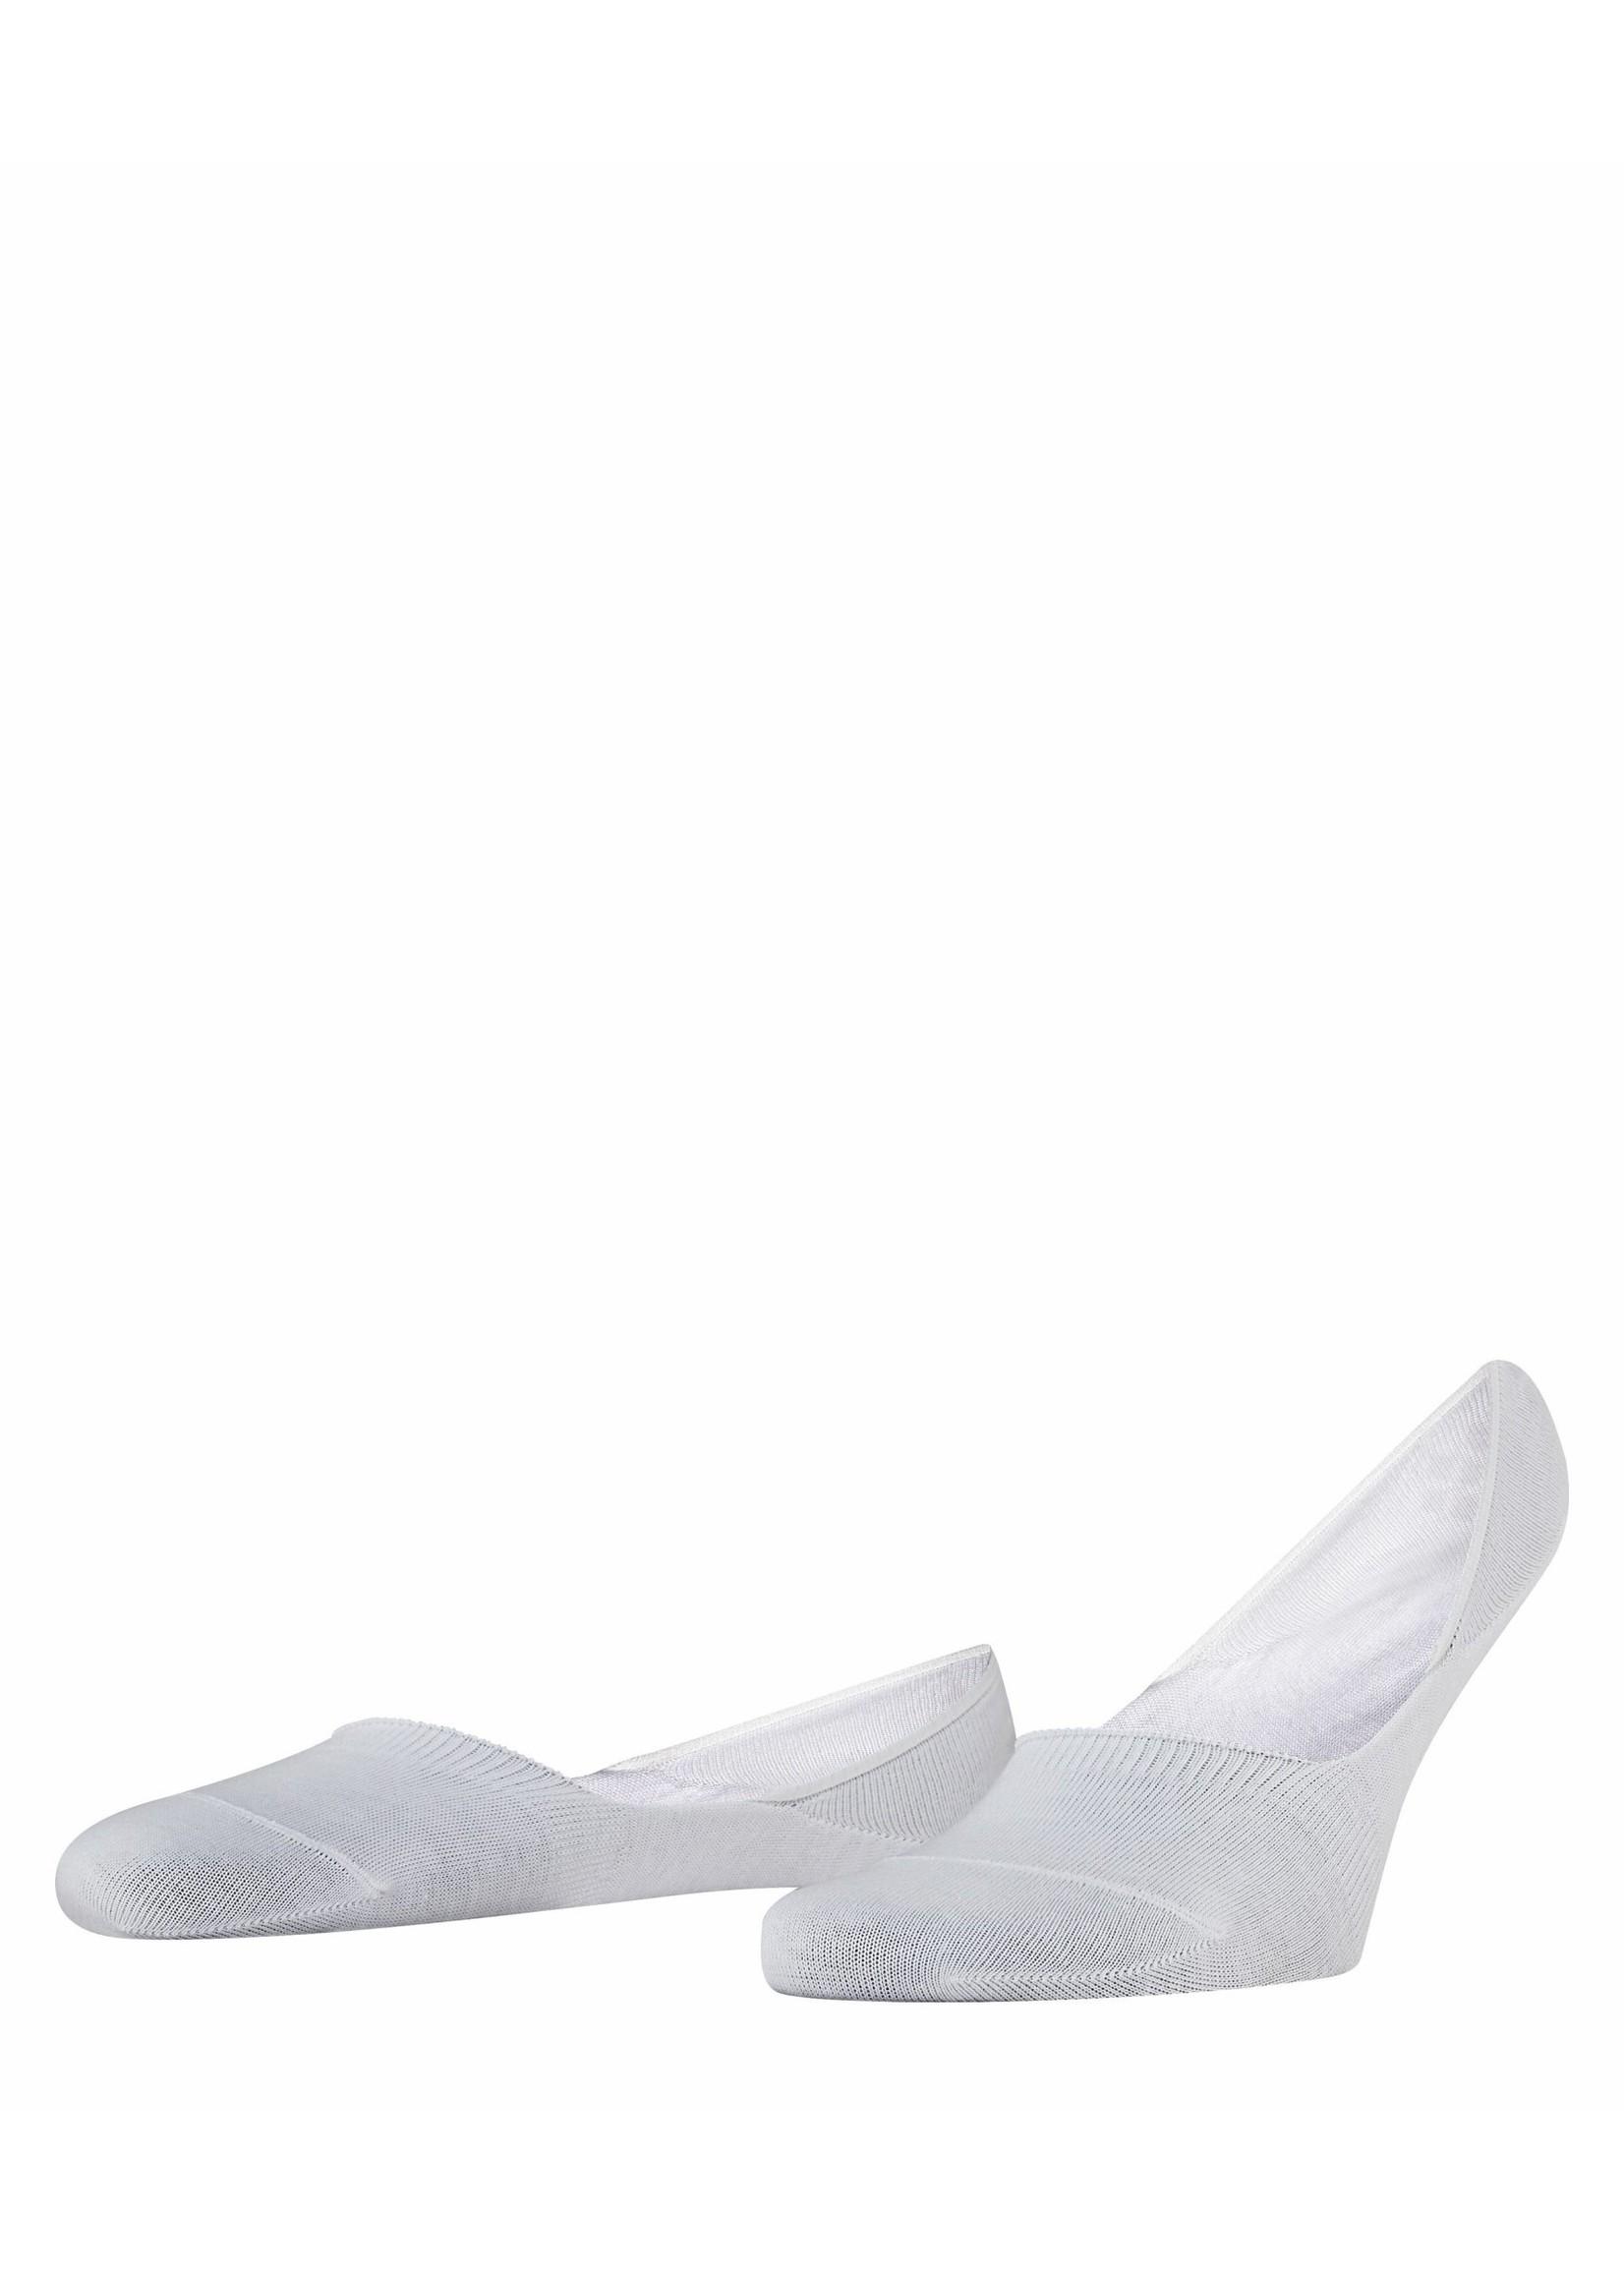 Falke Step Invisible sokken wit